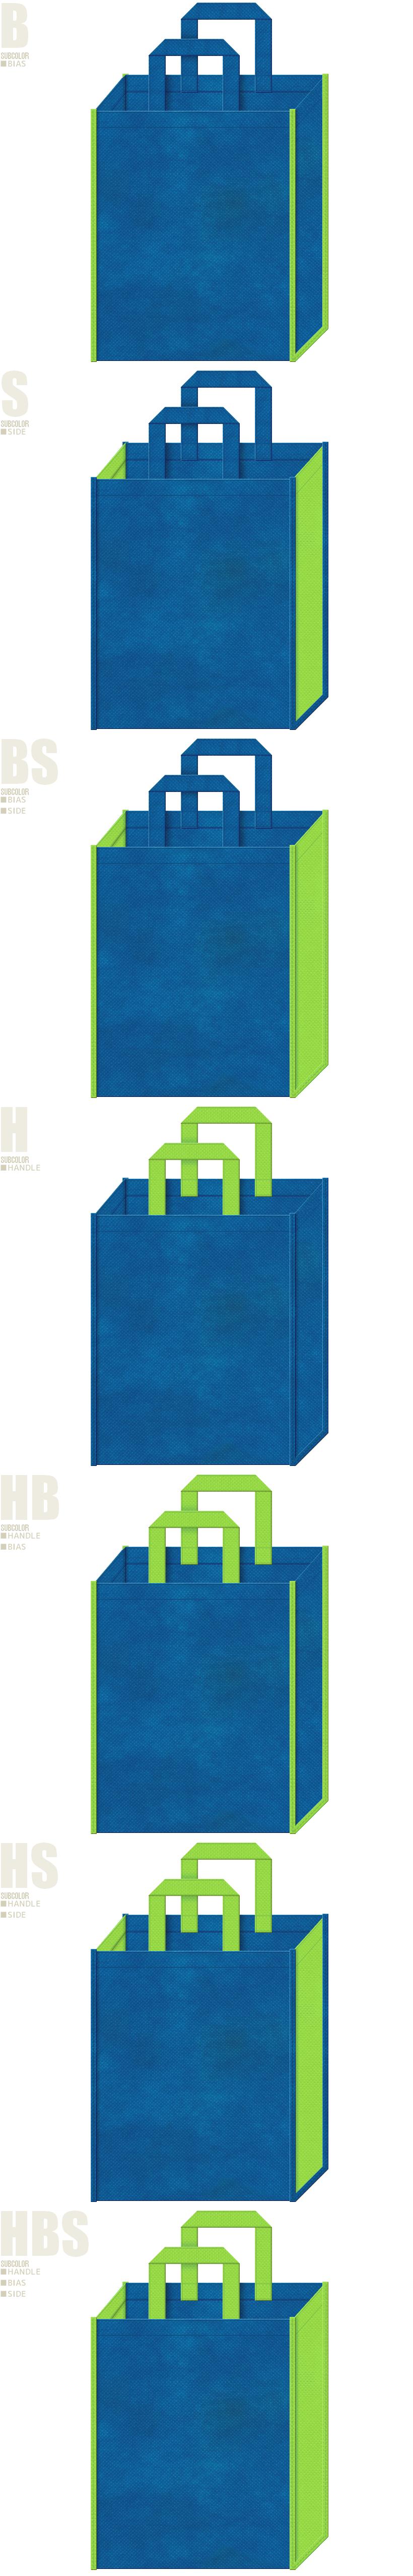 アウトドア・スポーツイベントサイクリング・おとぎ話・絵本の展示会用バッグにお奨めの不織布バッグデザイン:青色と黄緑色-7パターンの不織布トートバッグ配色デザイン例